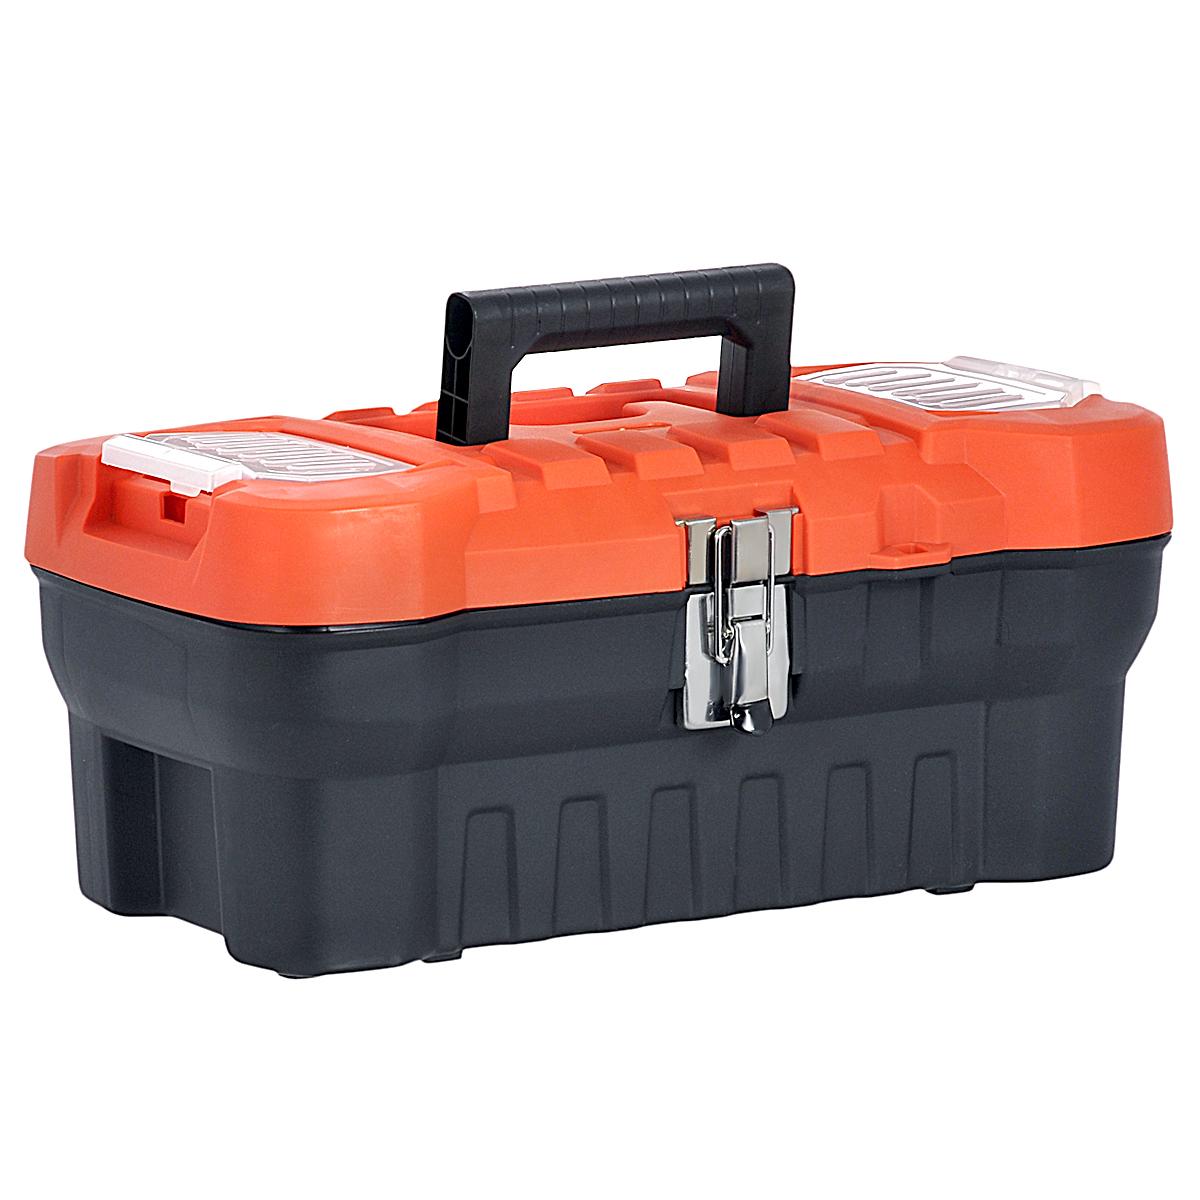 """Ящик для инструментов Blocker """"Expert 16"""", с органайзером, цвет: черный, оранжевый, 41 х 21 х 17,5 см ПЦ3730"""